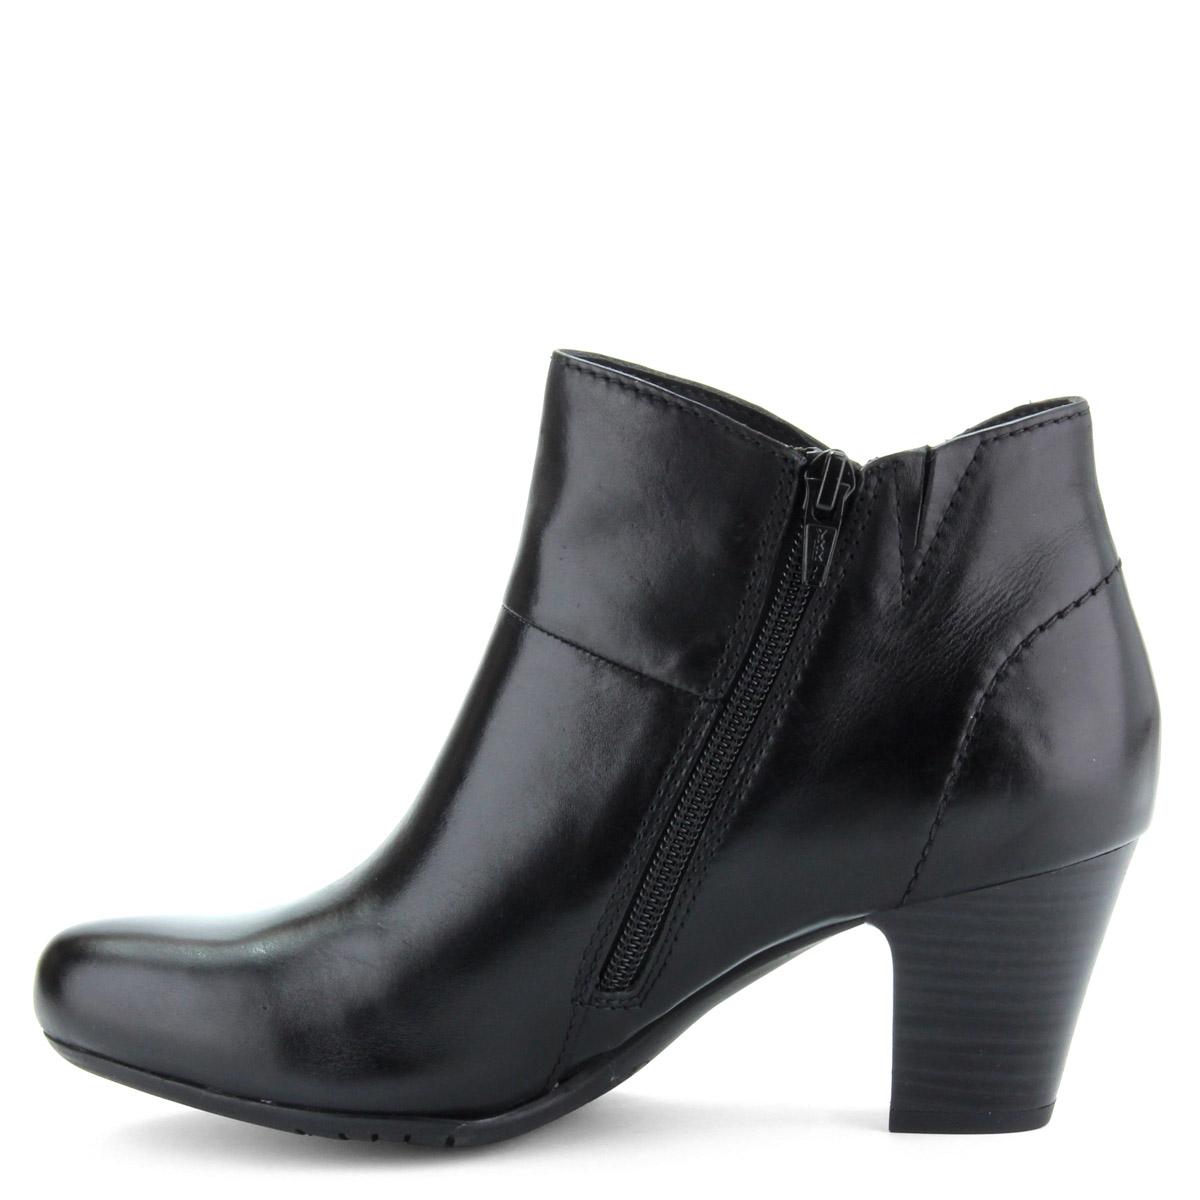 Fekete bőr női bokacsizma. Vékony béléssel készült. Sarka 6 cm magas. e8ffb5c24a